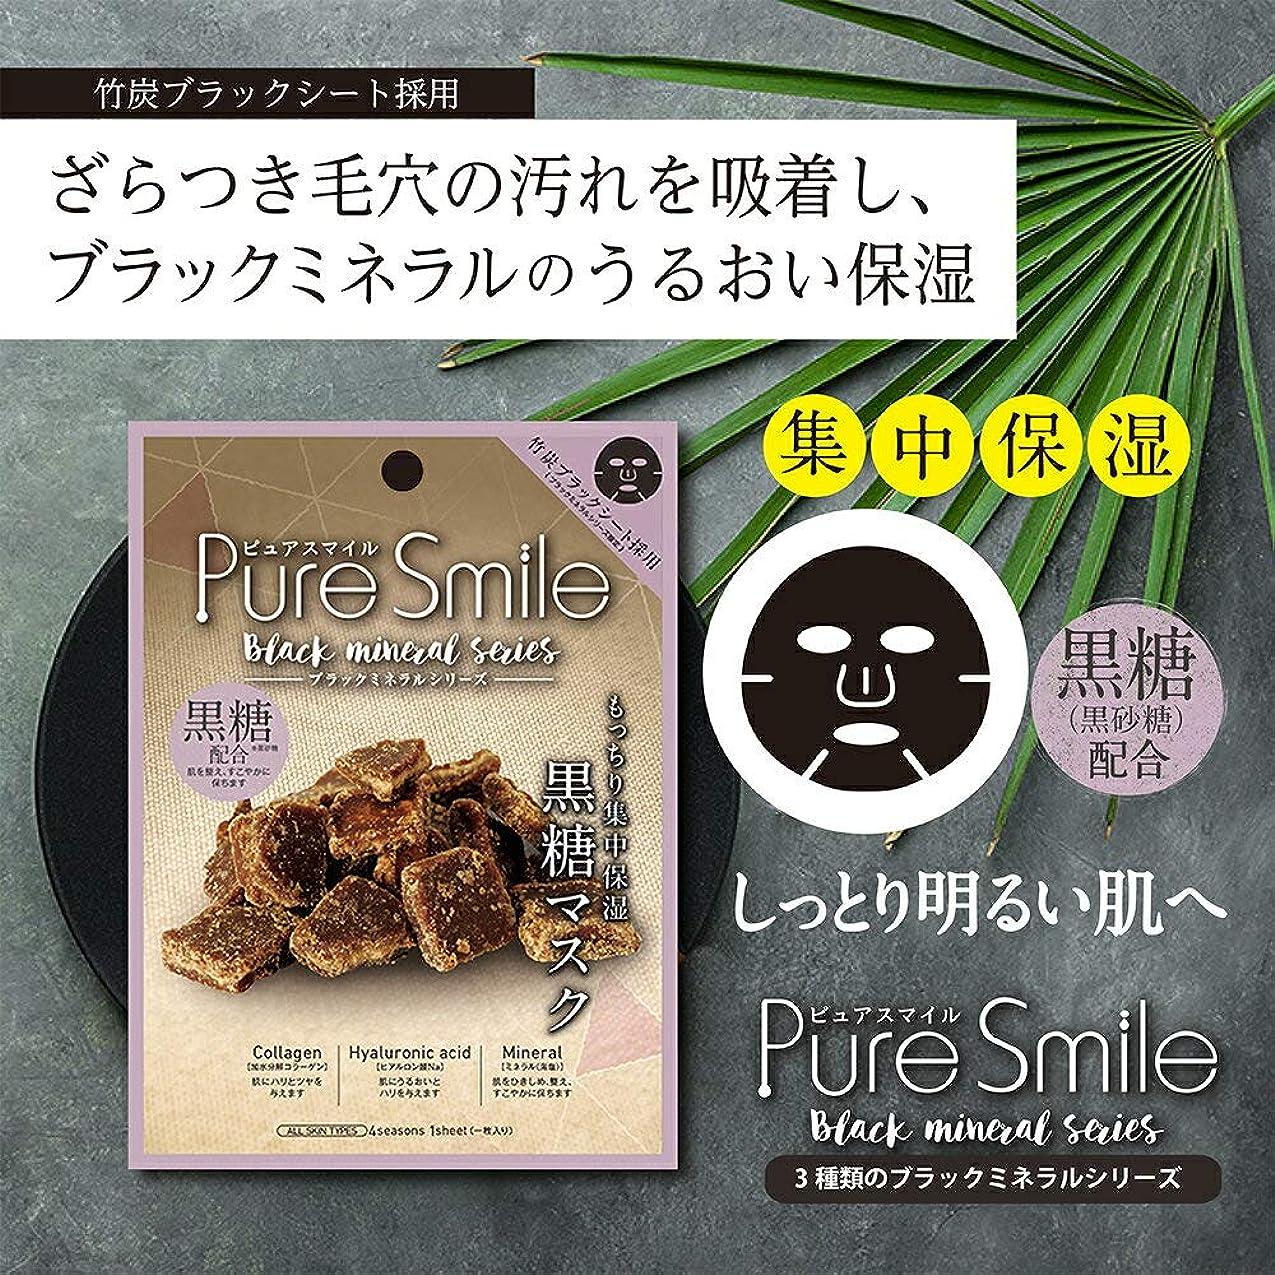 花瓶間違えた粘土Pure Smile(ピュアスマイル) エッセンスマスク 『ブラックミネラルシリーズ』 (黒糖) フェイスマスク パック